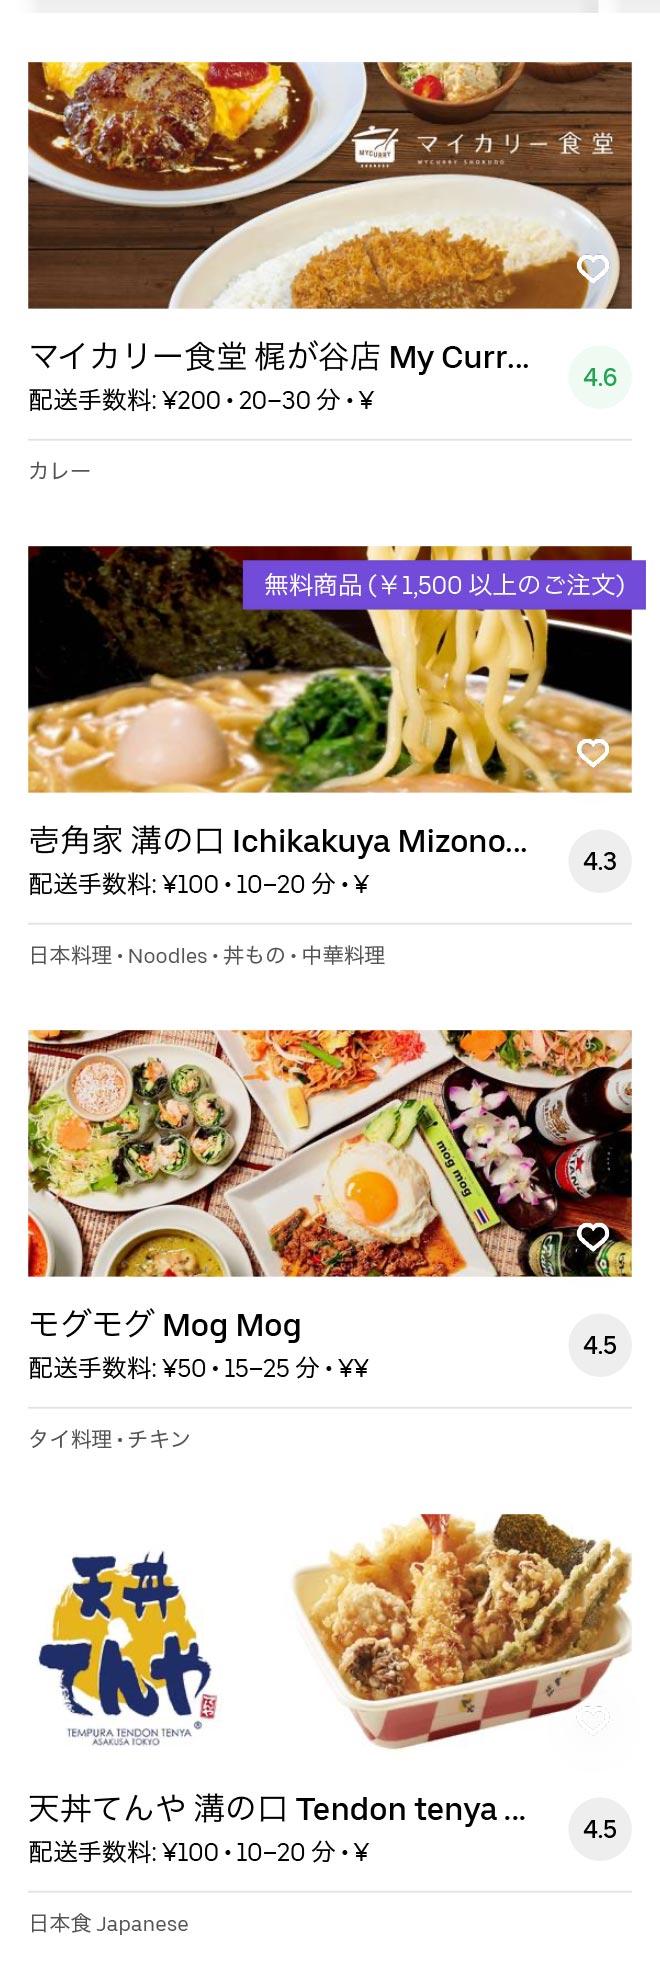 Takatsu menu 2004 02